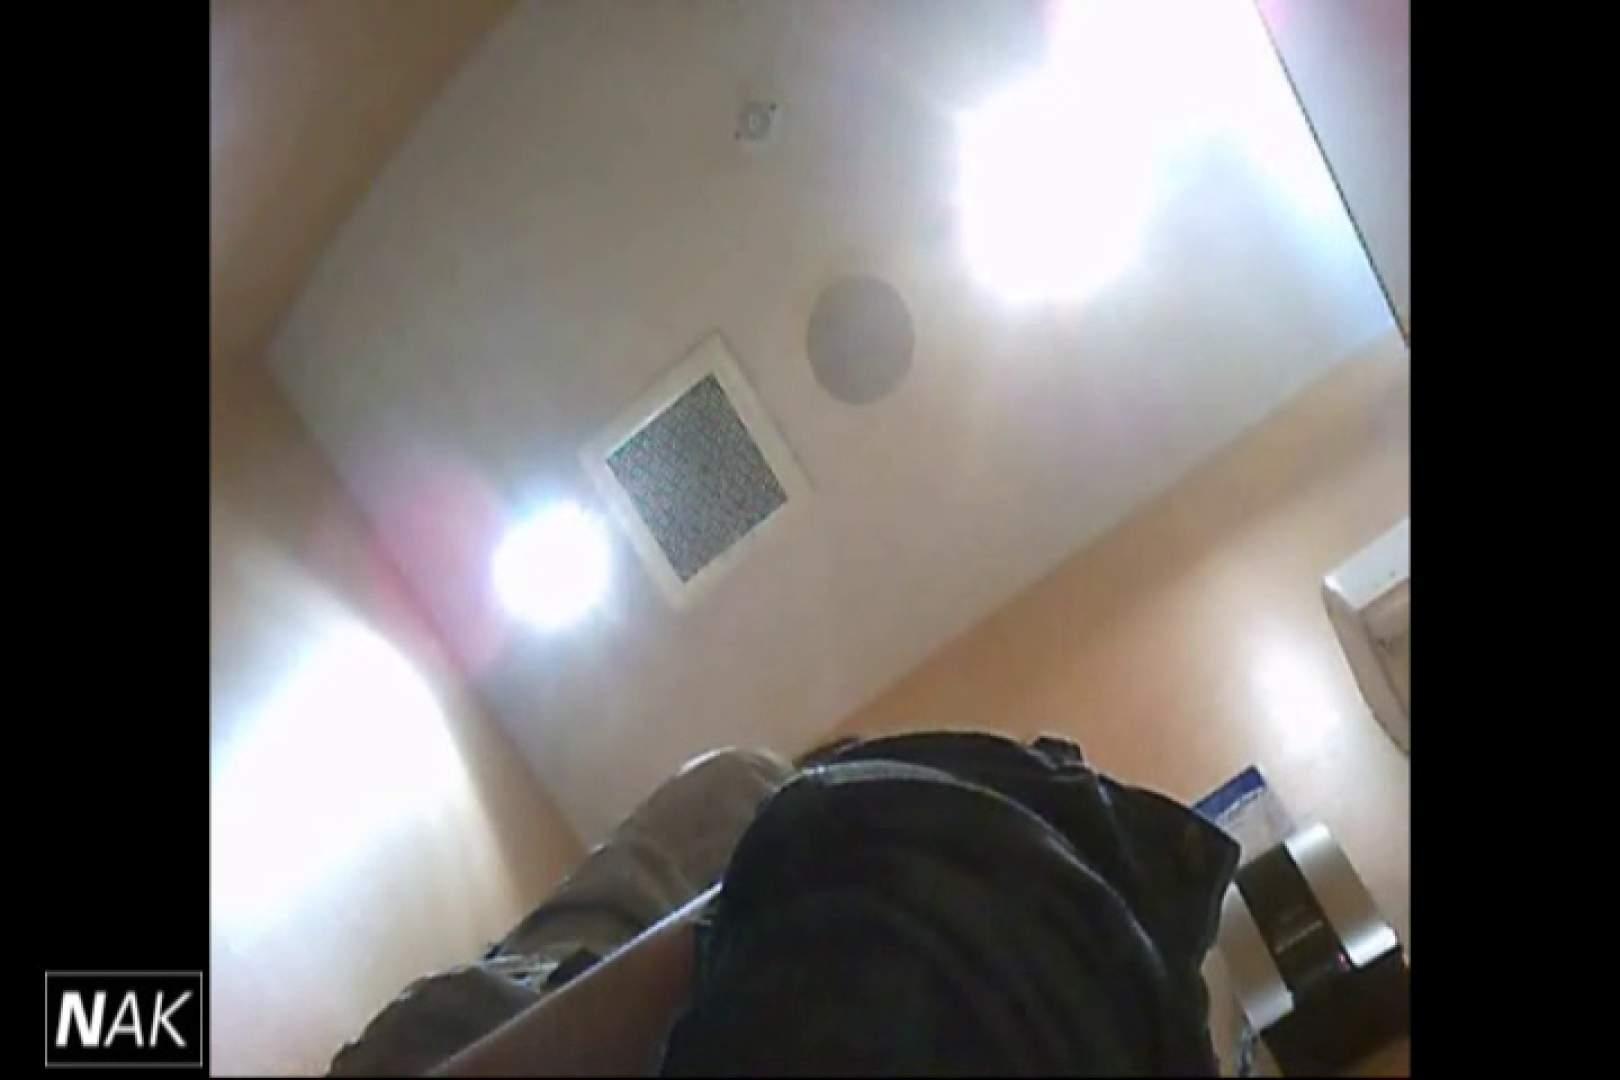 せん八さんの厠観察日記!2点監視カメラ 高画質5000K vol.16 お姉さんのエロ動画 ワレメ動画紹介 113PIX 90